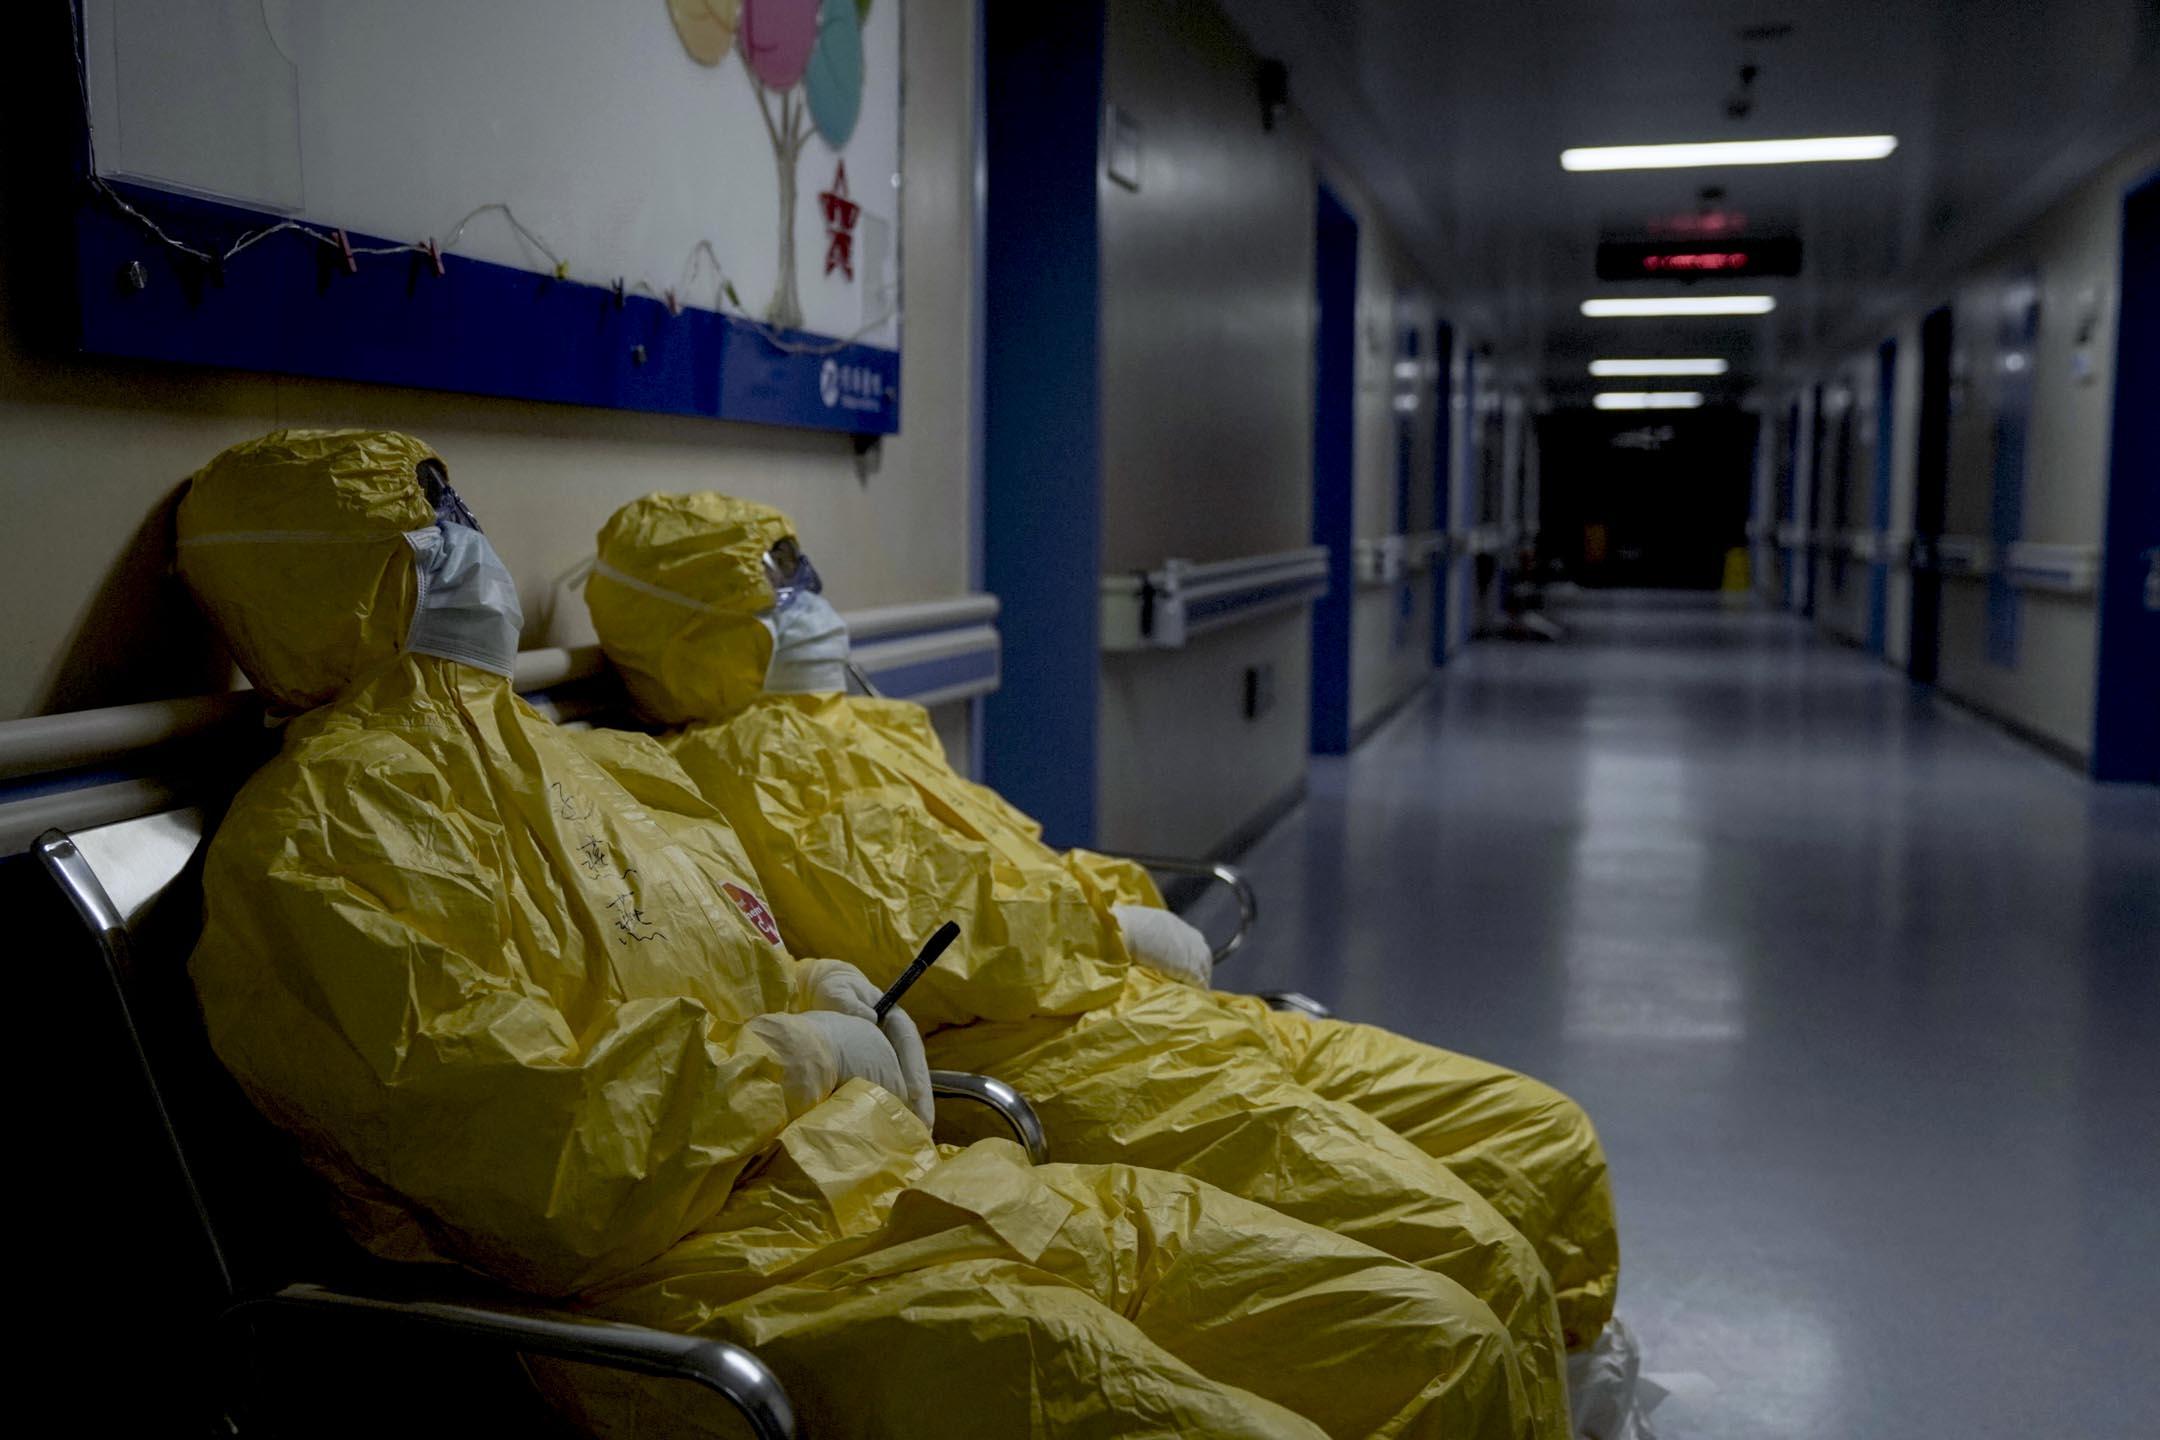 兩名筋疲力盡的醫務人員在醫院長凳上休息。